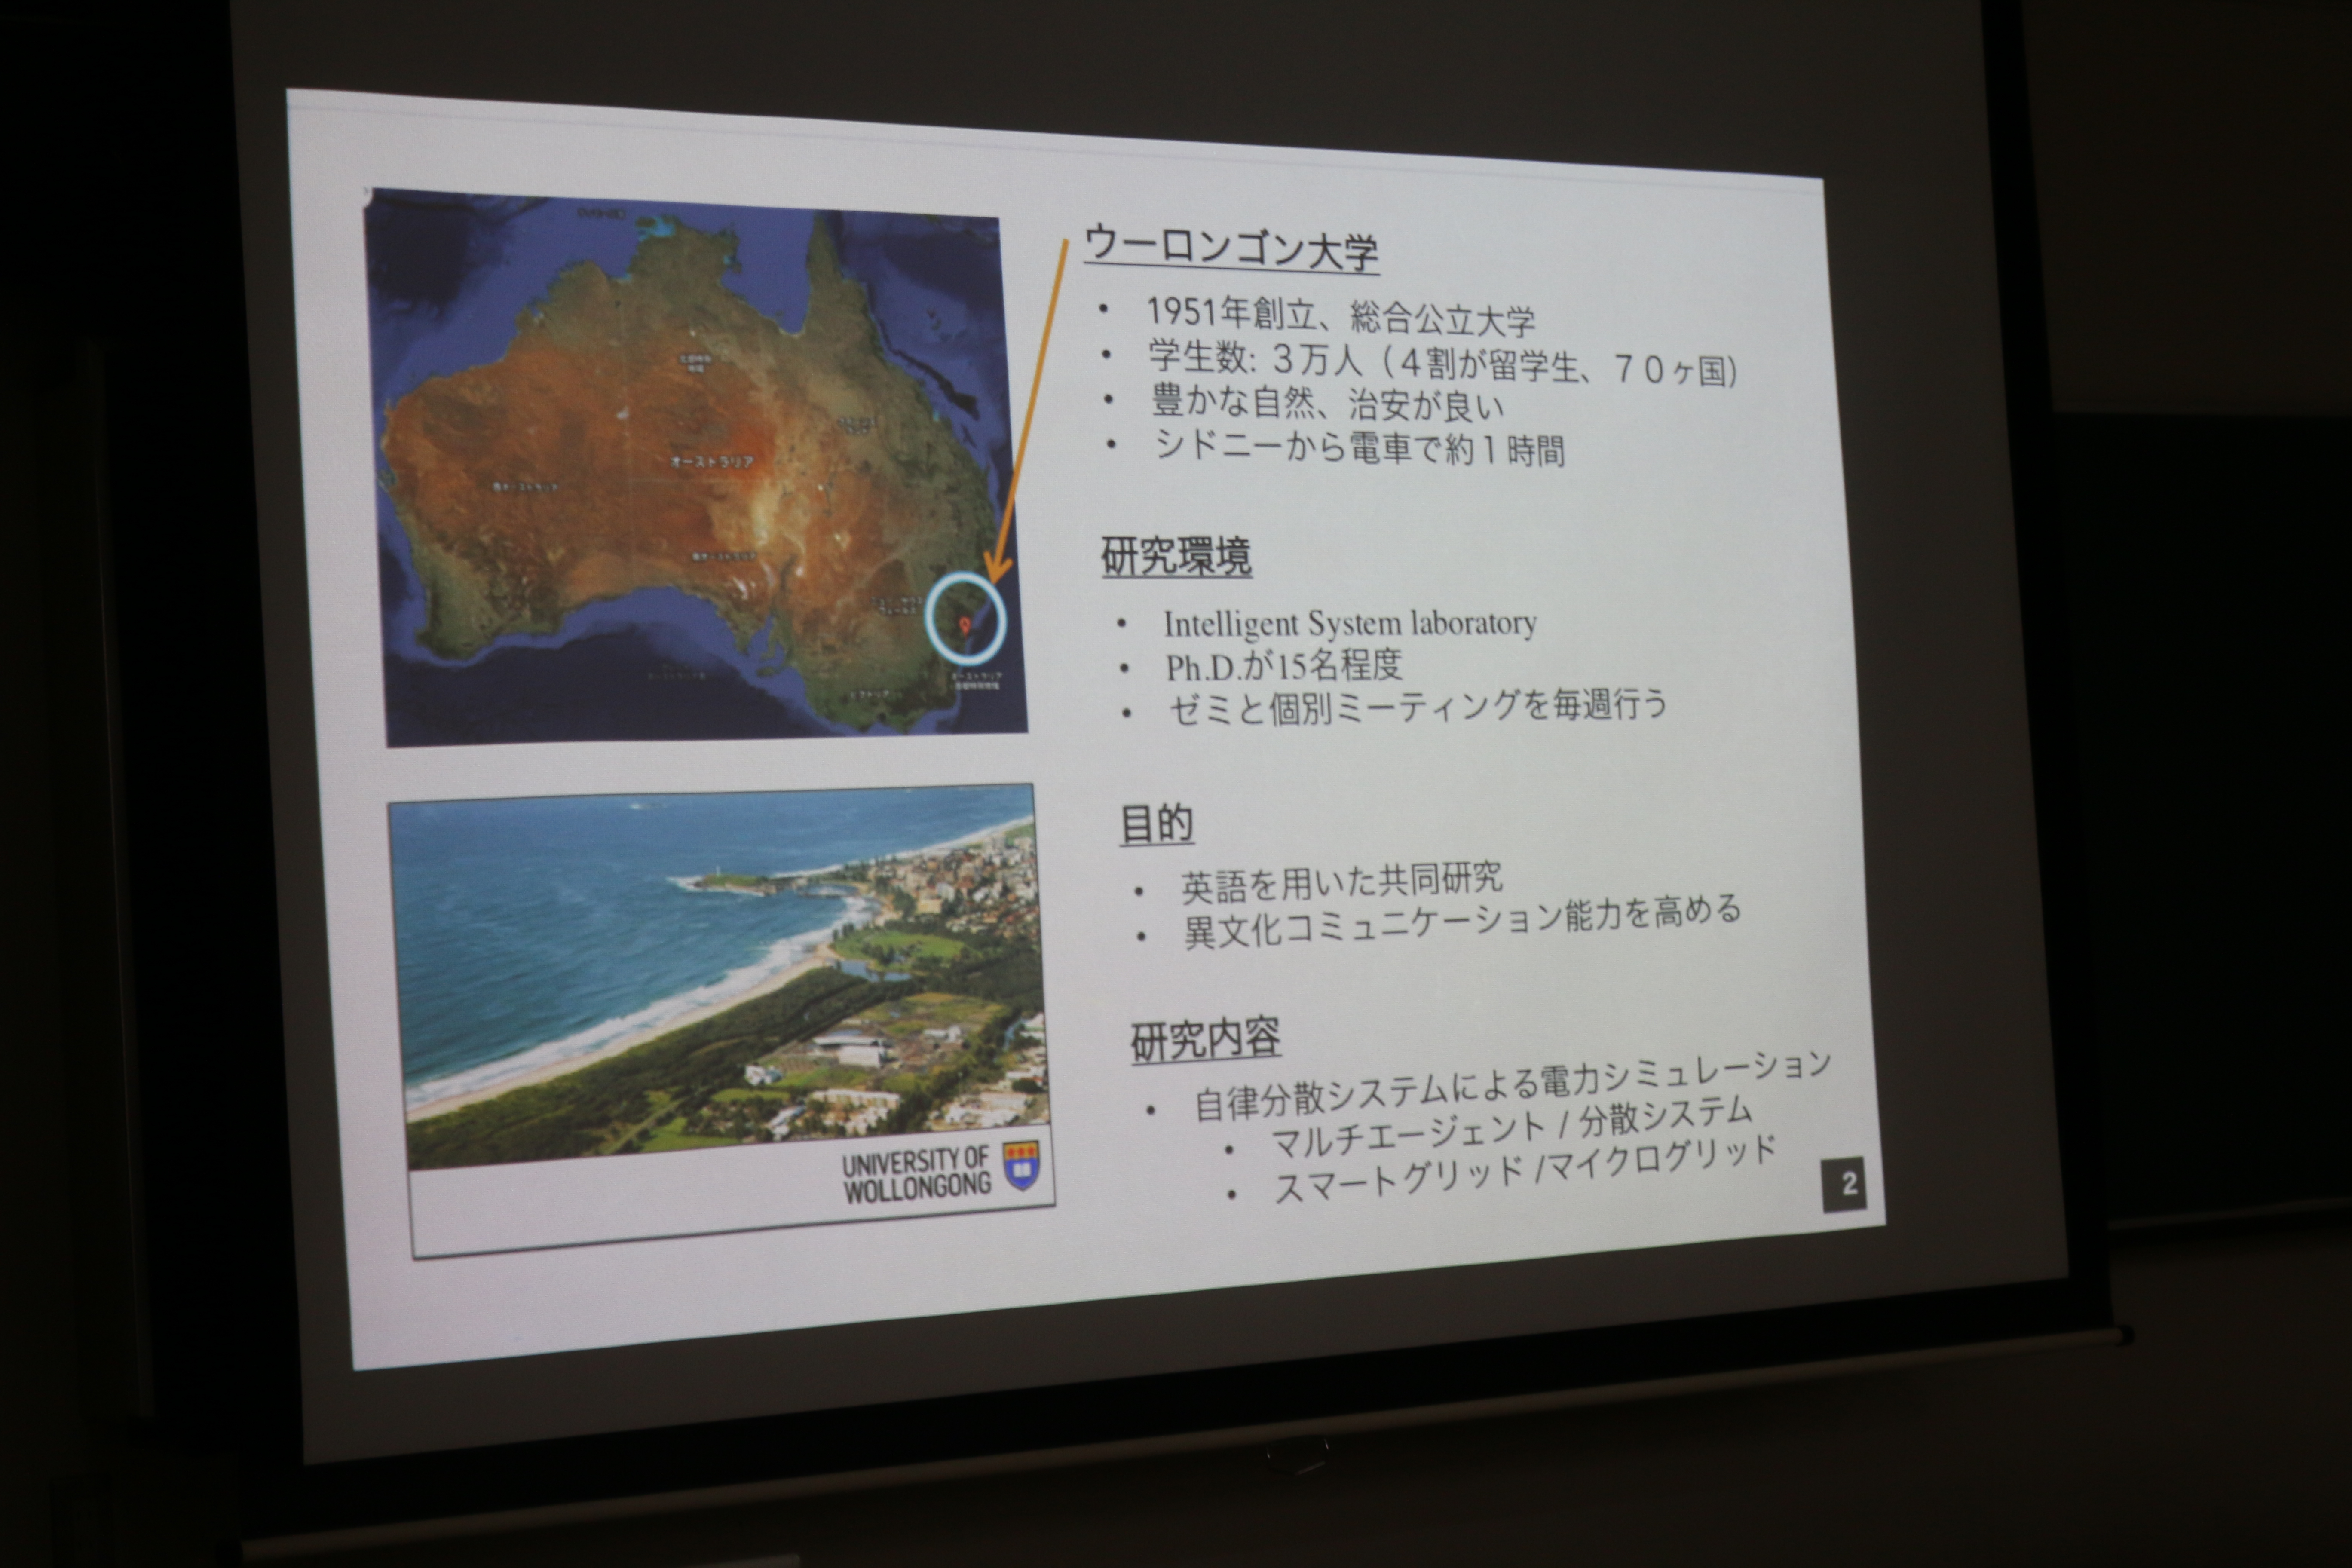 https://www.nitech.ac.jp/mt_imgs/IMG_8833.JPG